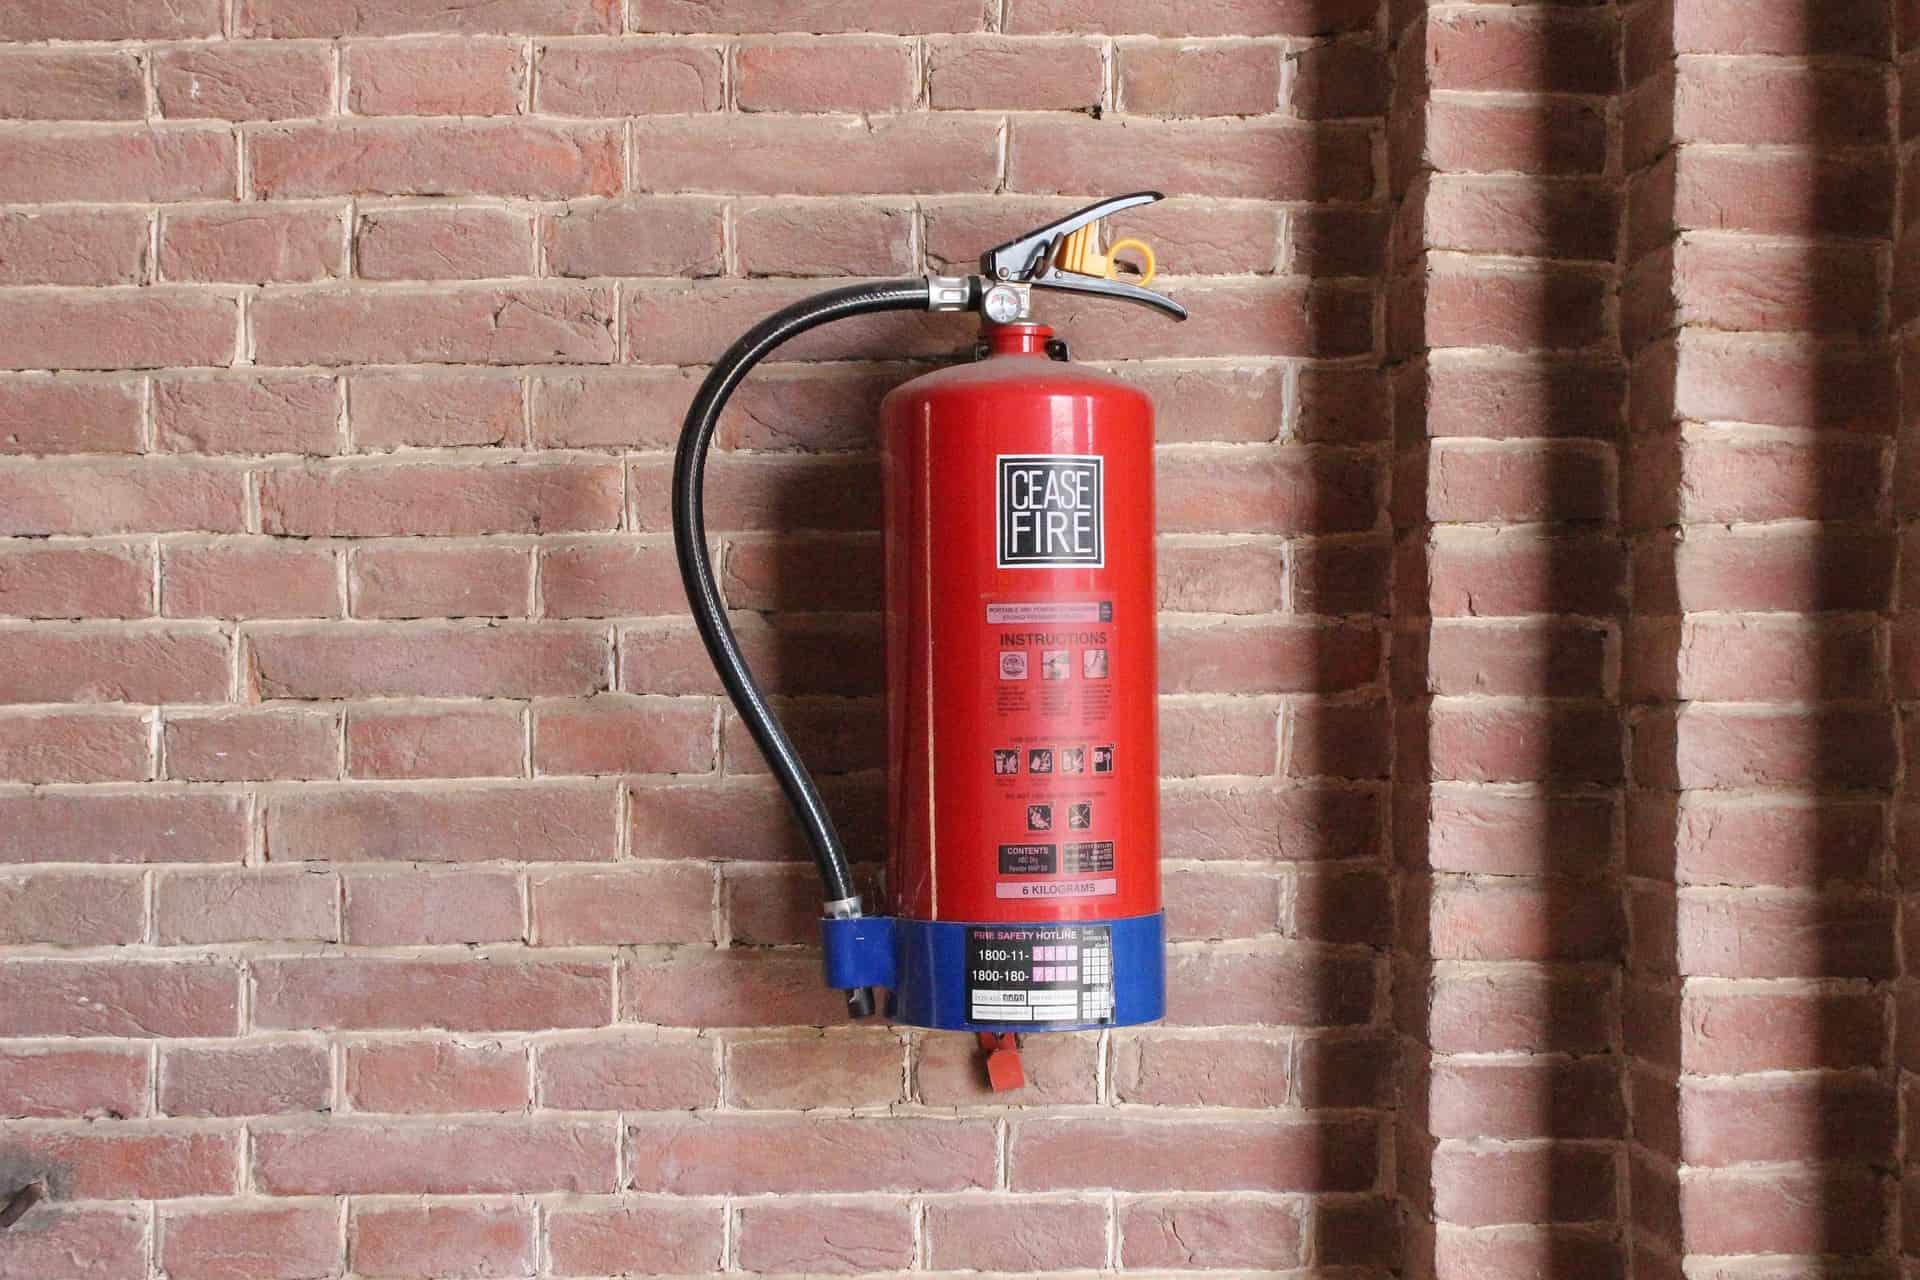 Feuerlöscher: Test & Empfehlungen (01/20)